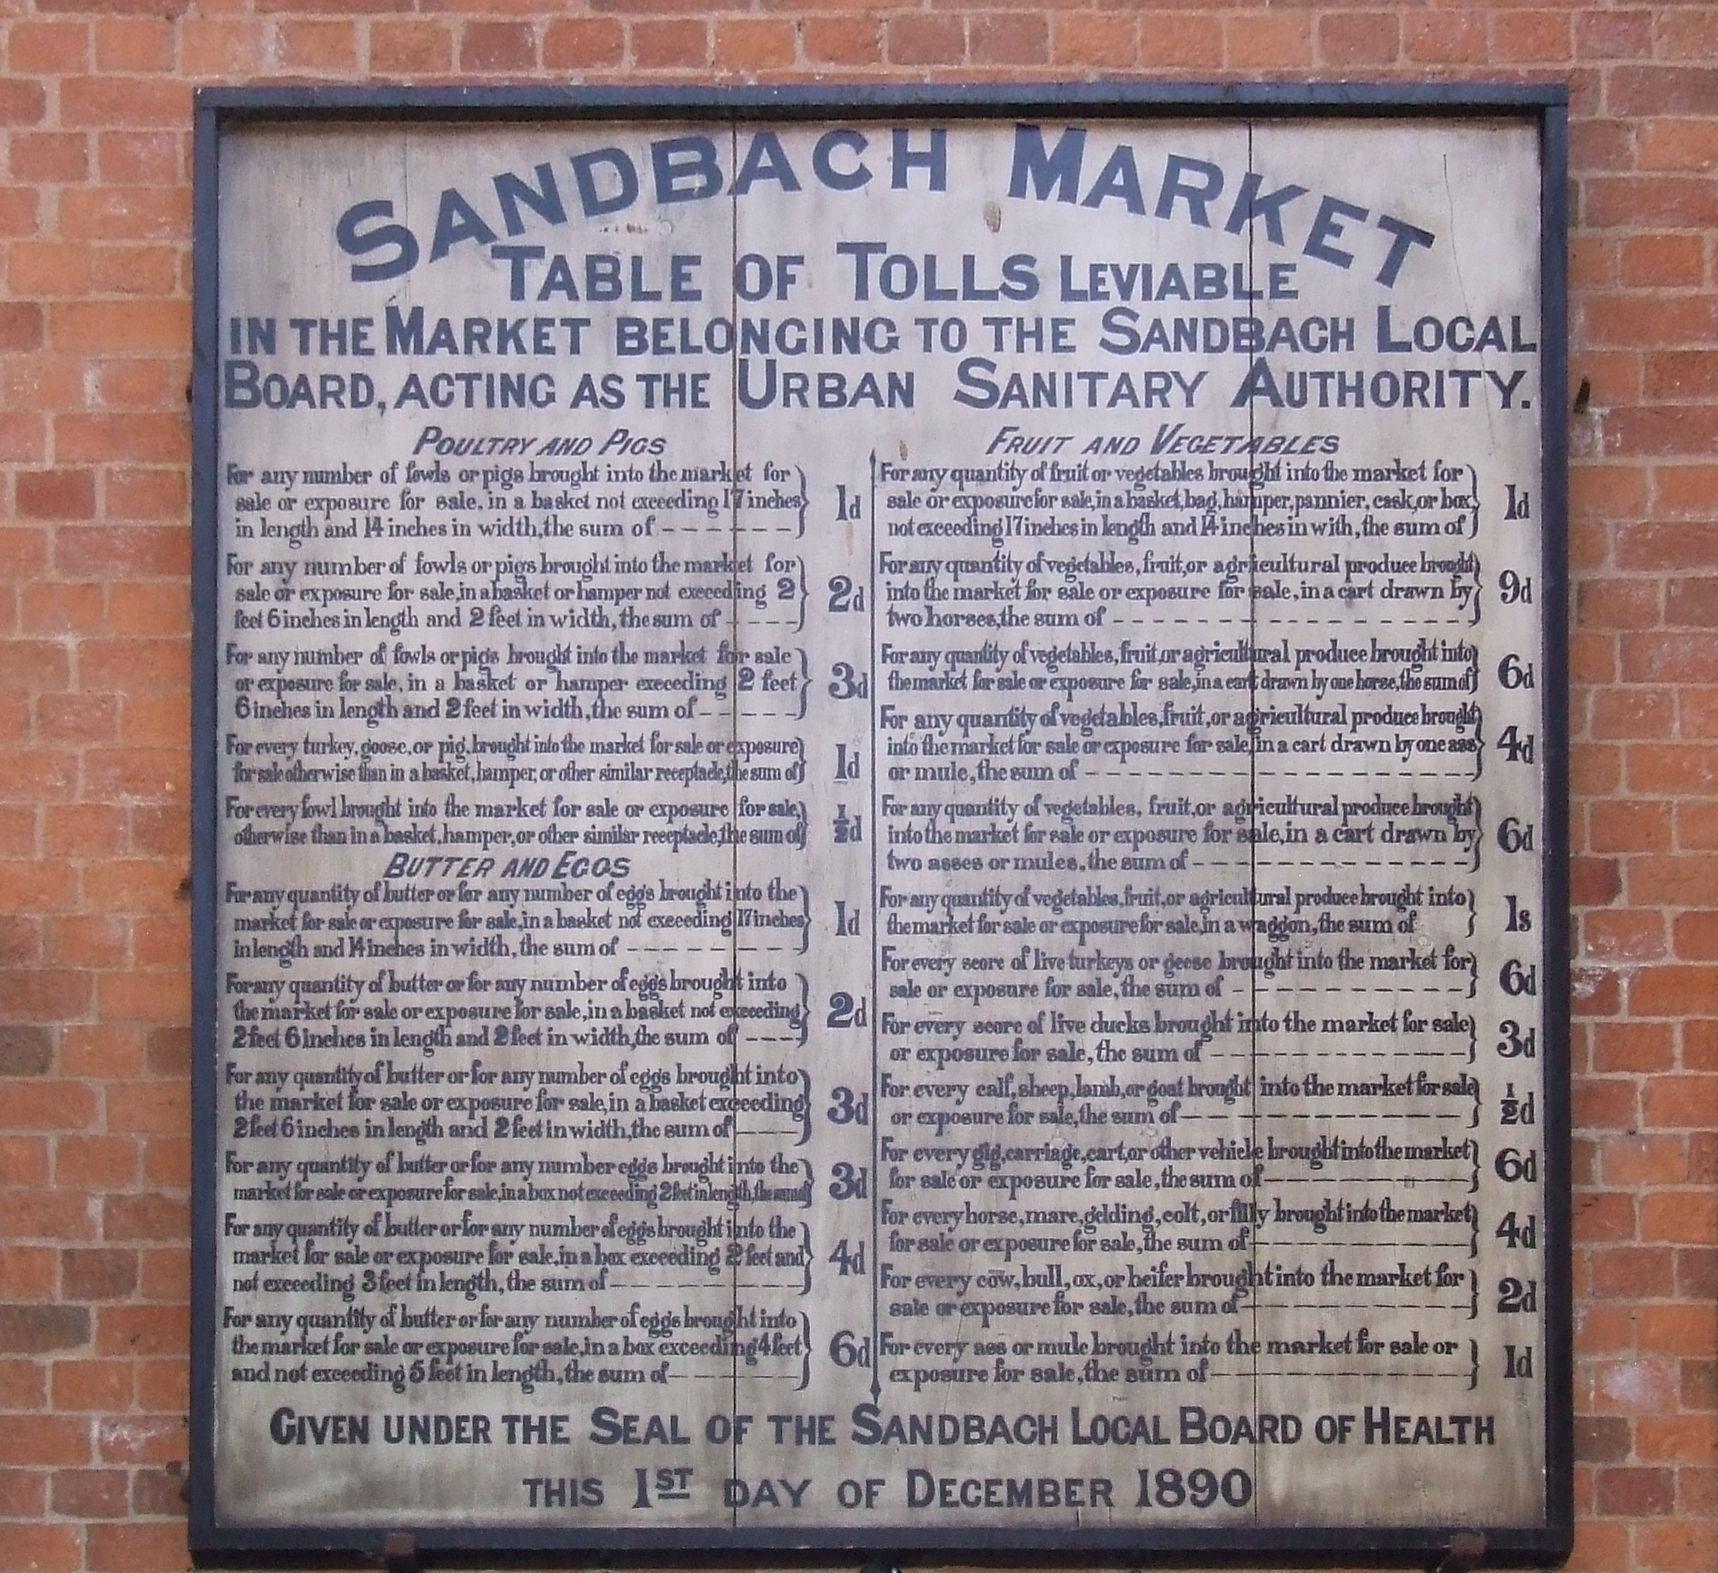 Sandbach_market_tolls.jpg